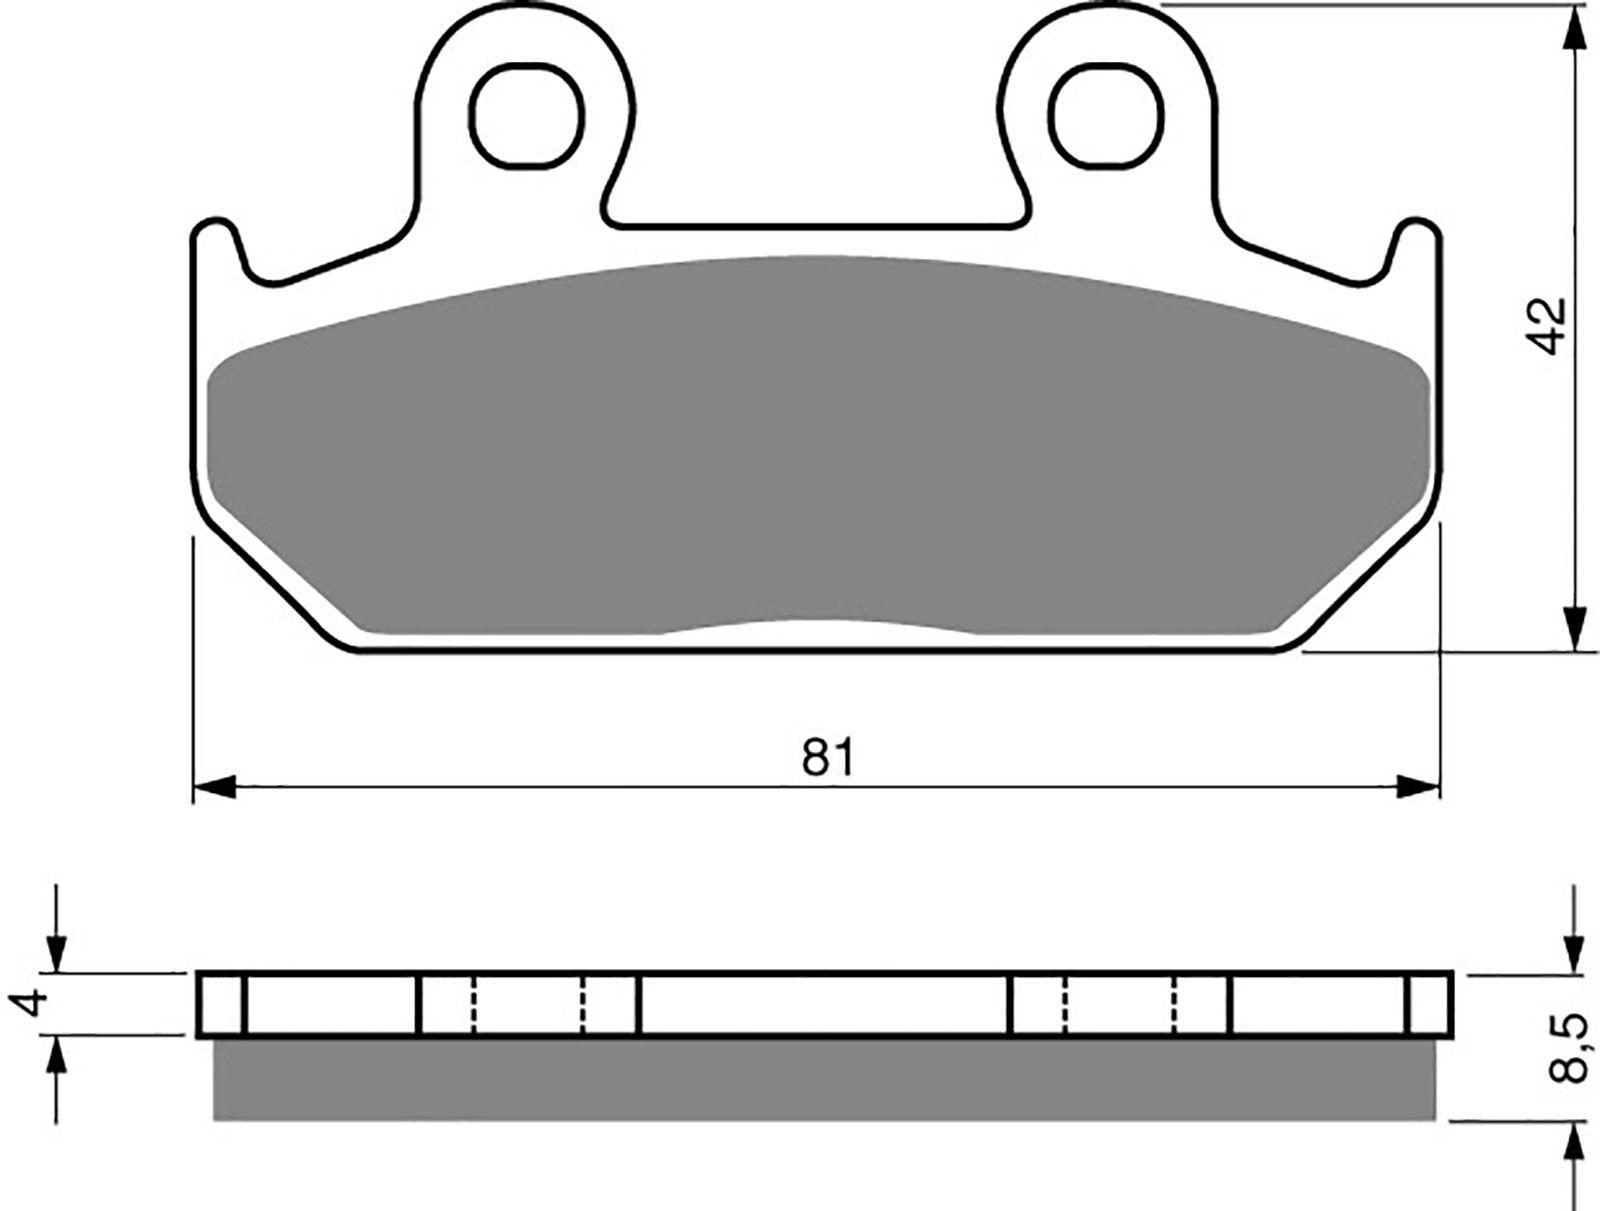 Goldfren Gp5 Brake Pads - 700025GG image